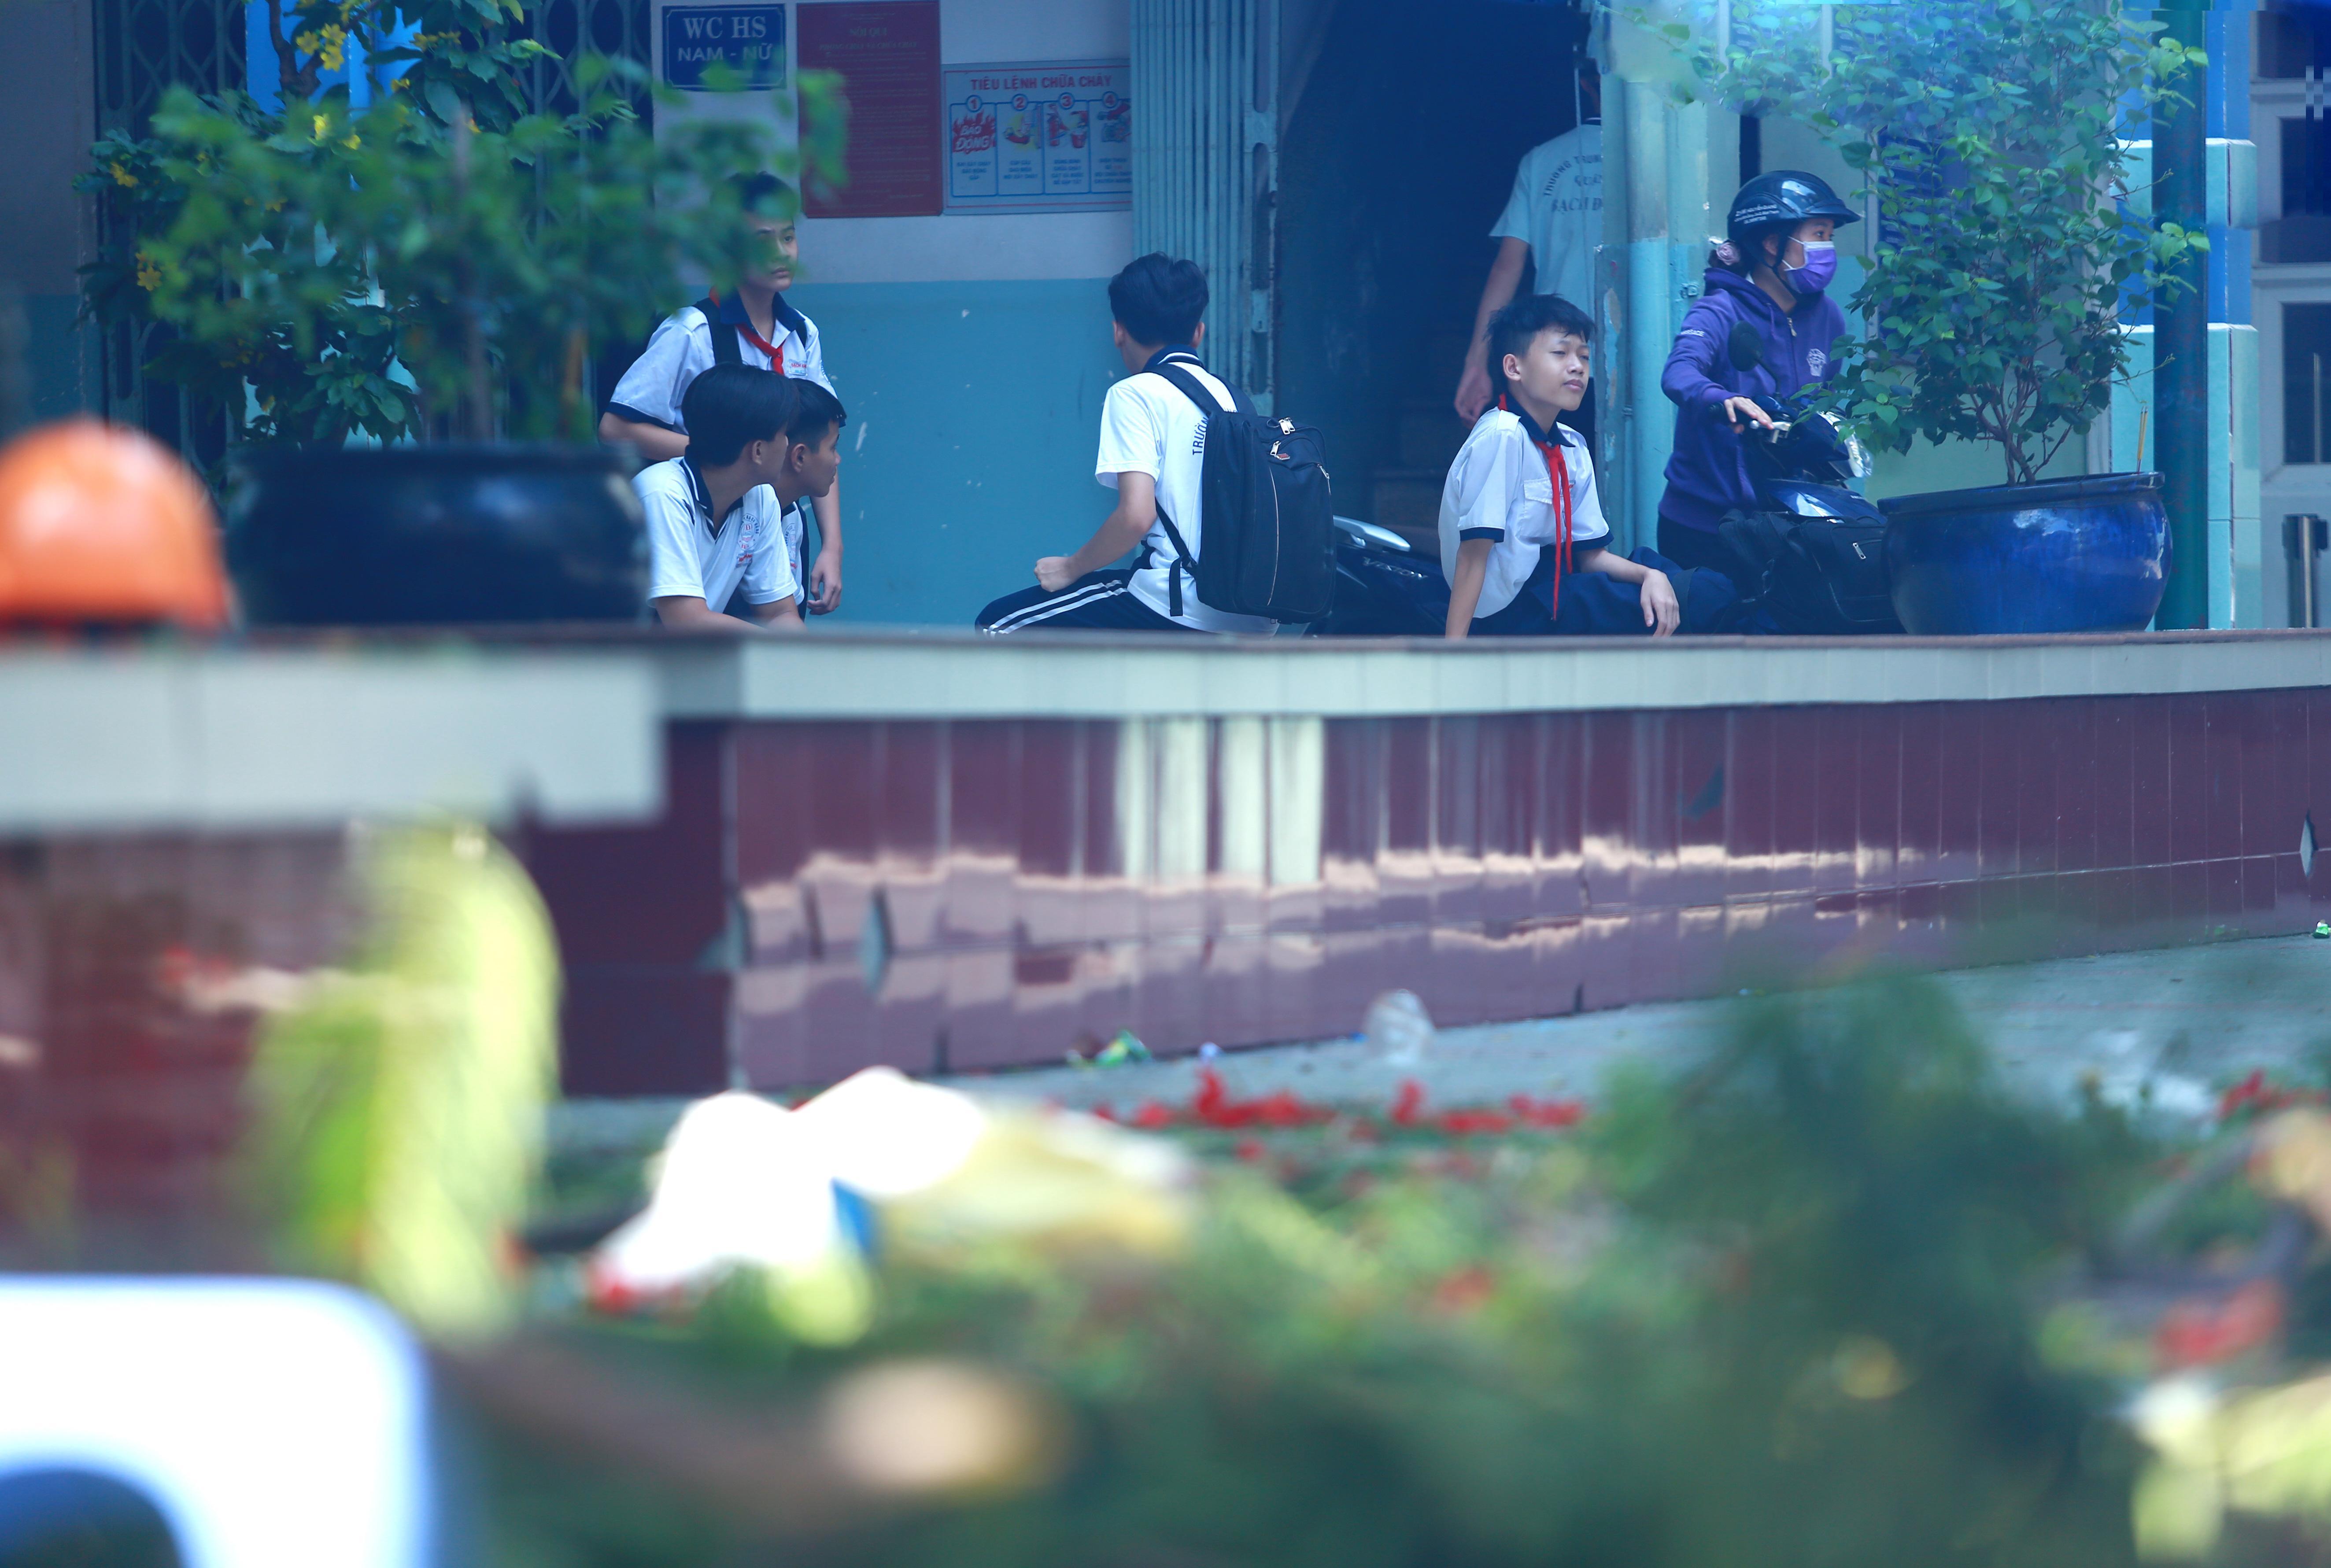 Cận cảnh gốc phượng vĩ mục ruỗng đổ gãy đè 13 học sinh thương vong ở Sài Gòn Ảnh 13